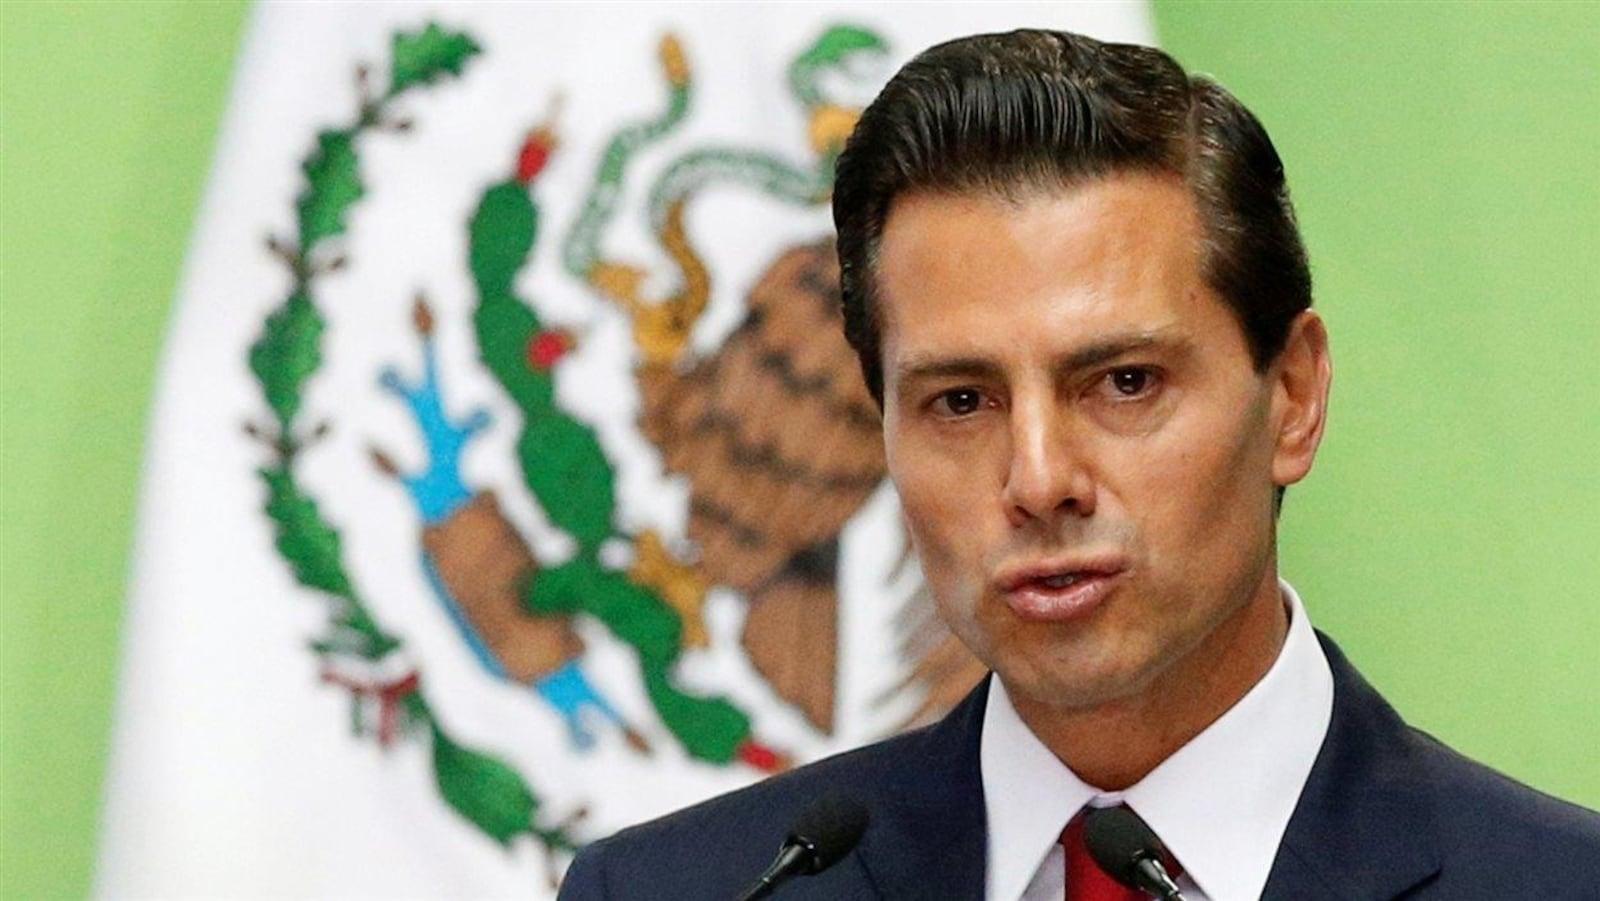 Le président du Mexique, Enrique Peña Nieto